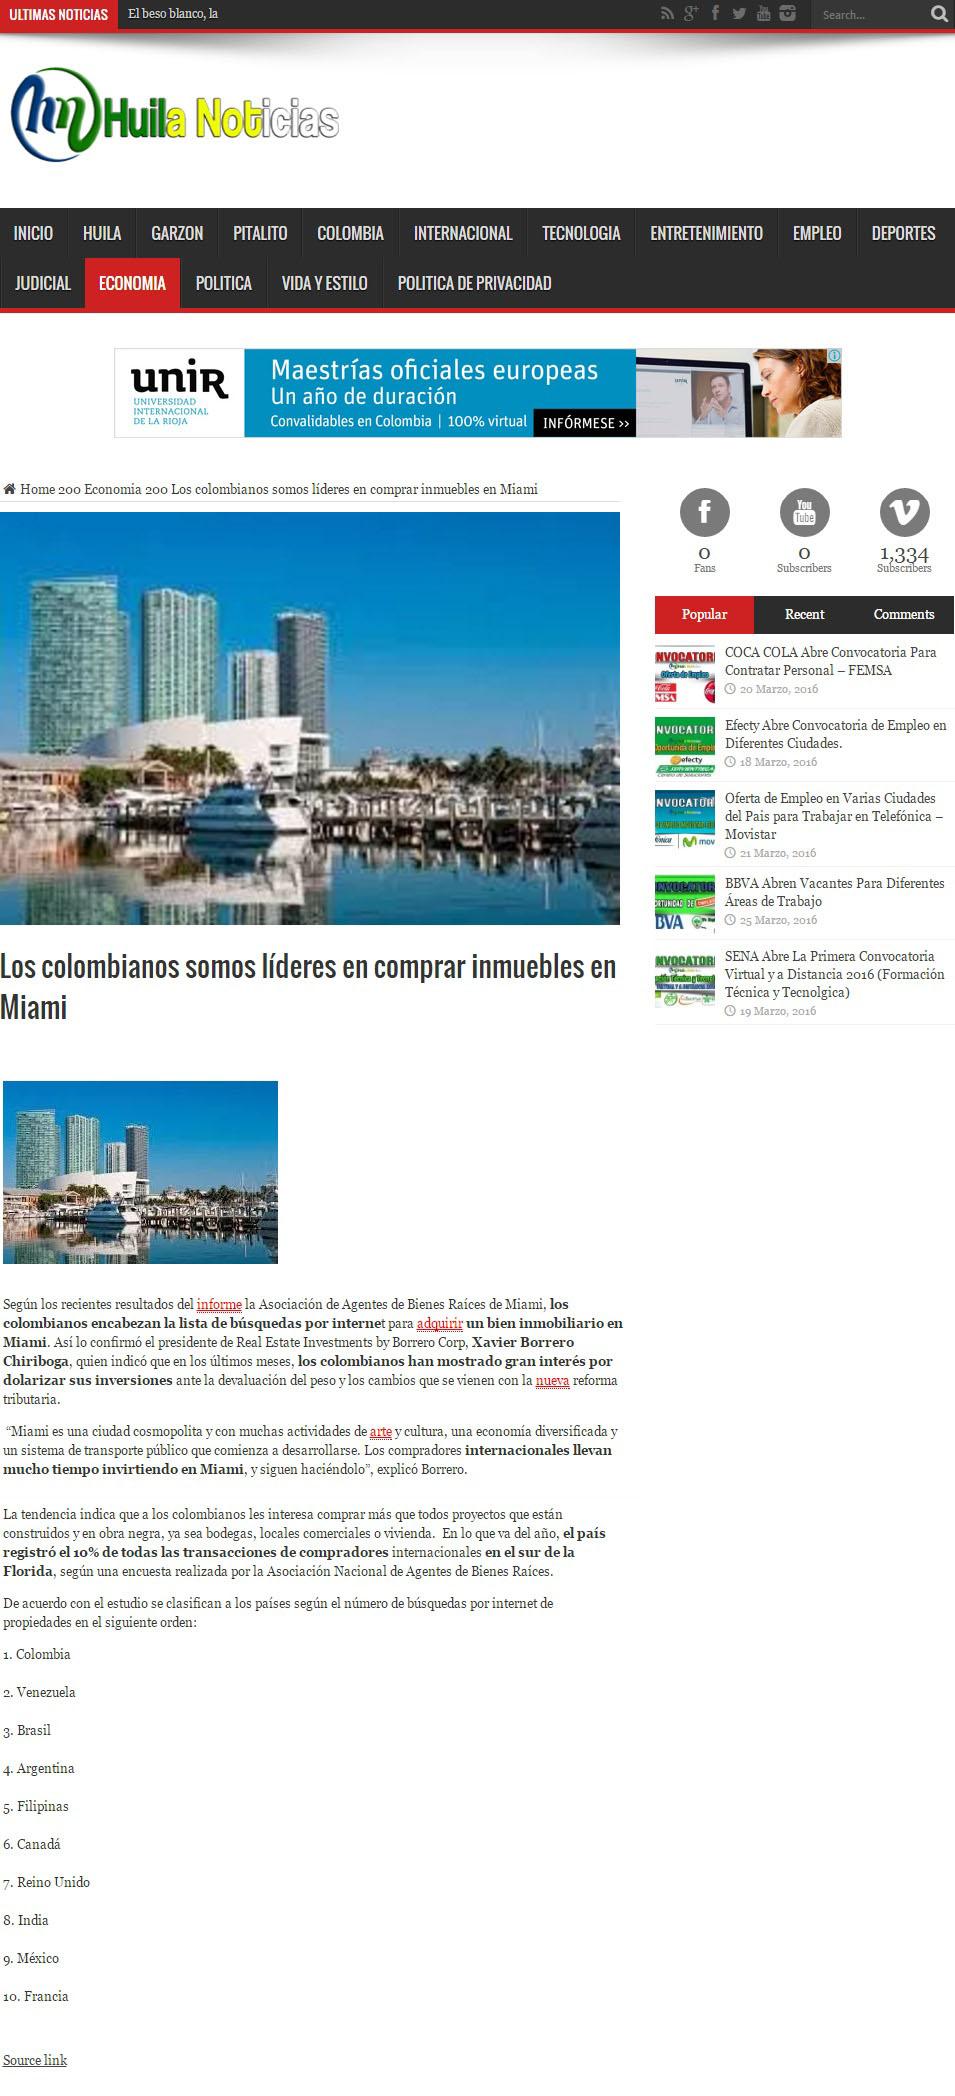 Huila Noticias.com 25 de Octubre de 2016 [web]